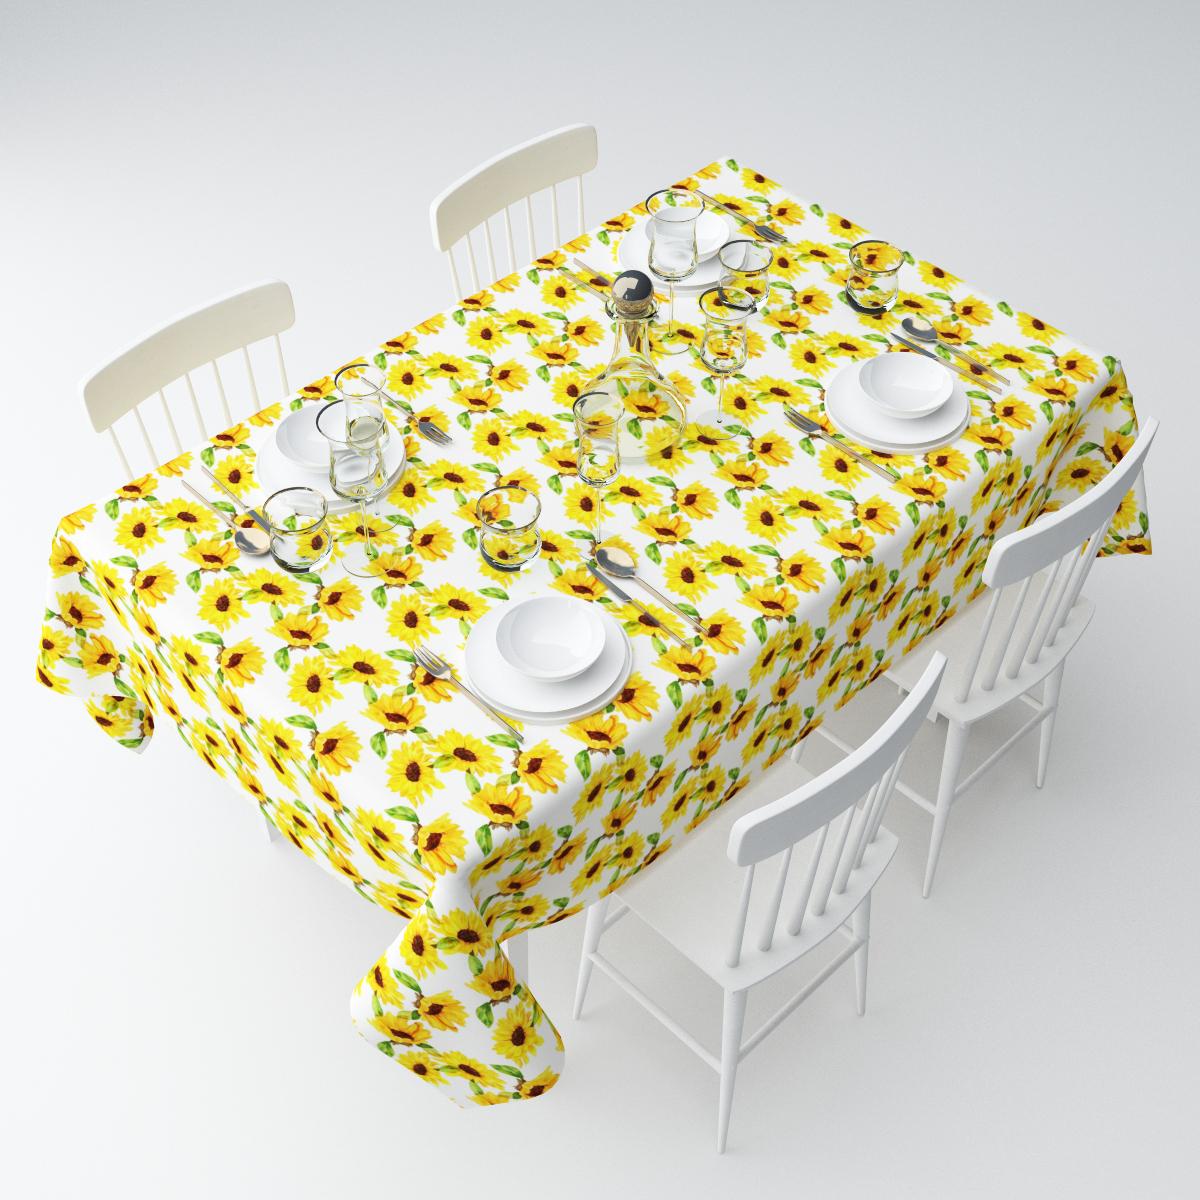 Скатерть Сирень Желтые подсолнухи, прямоугольная, 145 х 120 см. СКГБ003-07054СКГБ003-07054Прямоугольная скатерть Сирень Желтые подсолнухи, выполненная из габардина с ярким рисунком, преобразит вашу кухню, визуально расширит пространство, создаст атмосферу радости и комфорта. Рекомендации по уходу: стирка при 30 градусах, гладить при температуре до 110 градусов.Размер скатерти: 145 х 120 см. Изображение может немного отличаться от реального.